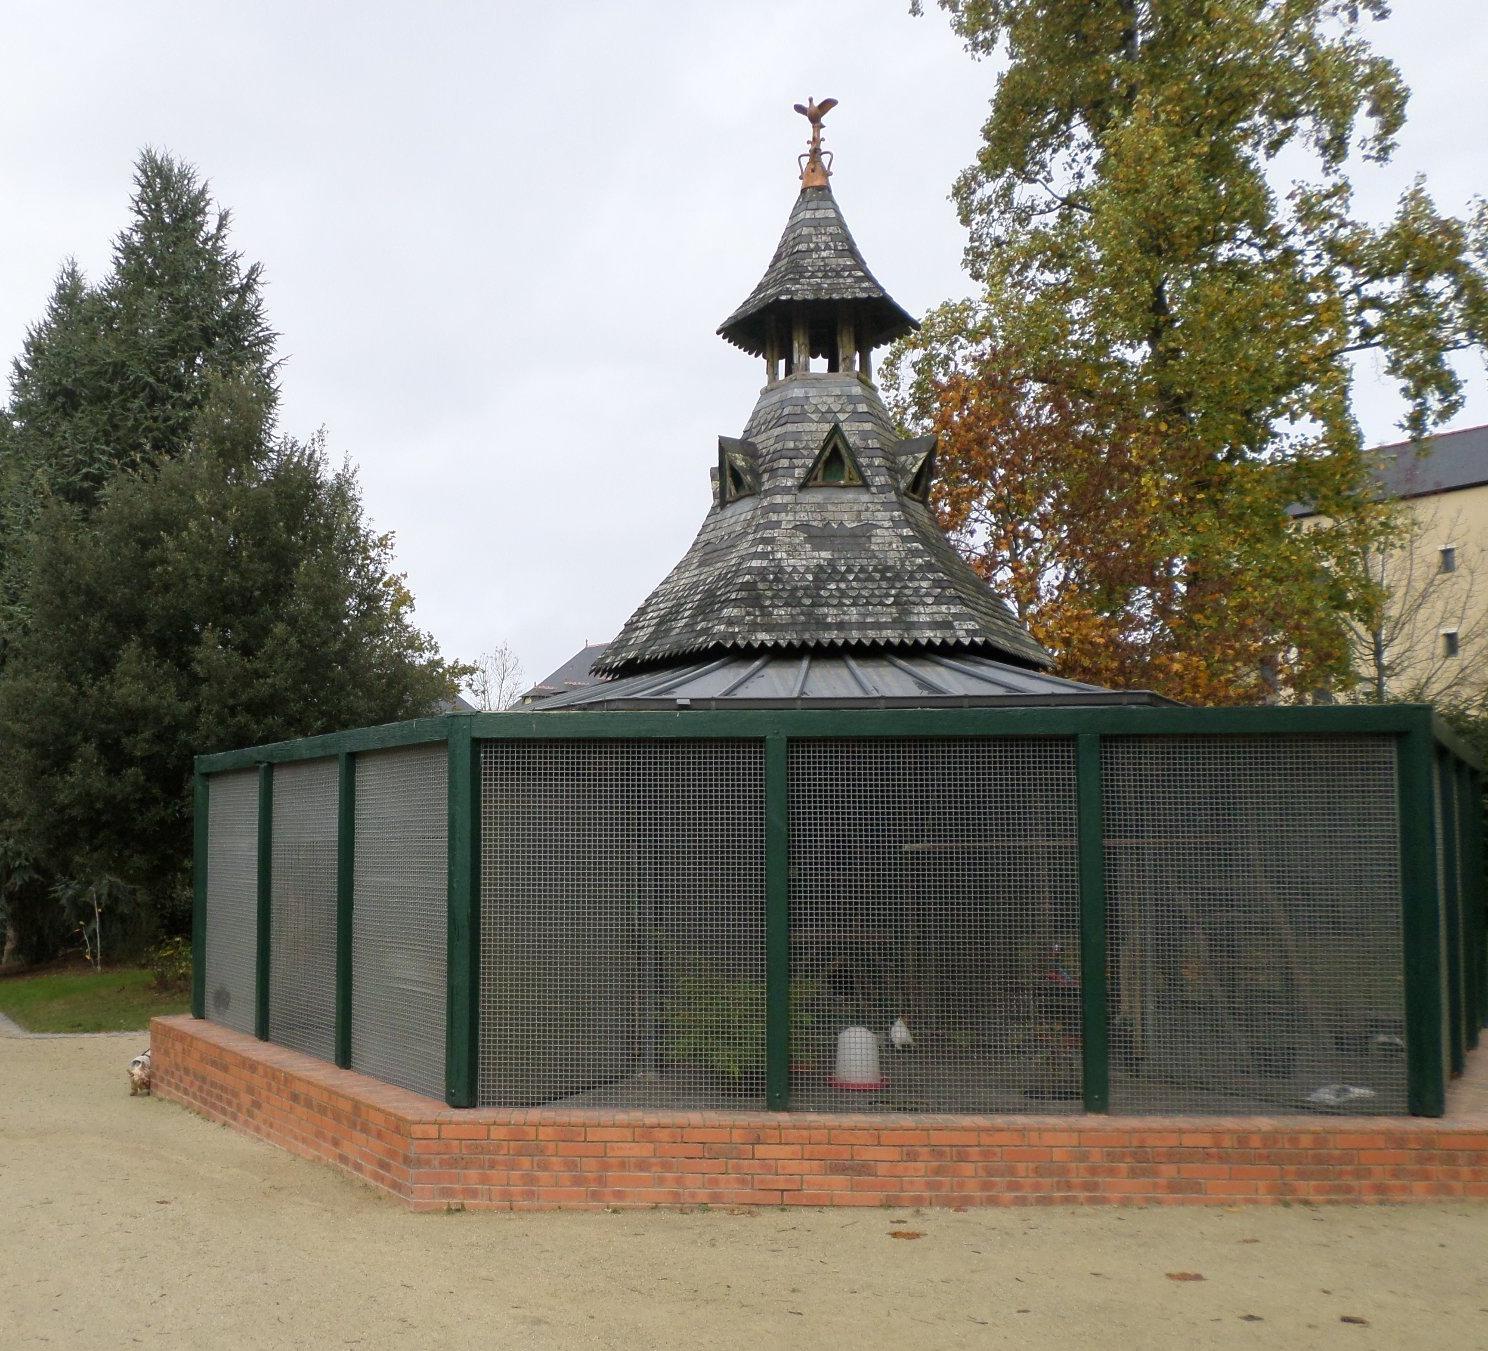 vitre-jardin-du-parc-pigeons-house Nov14